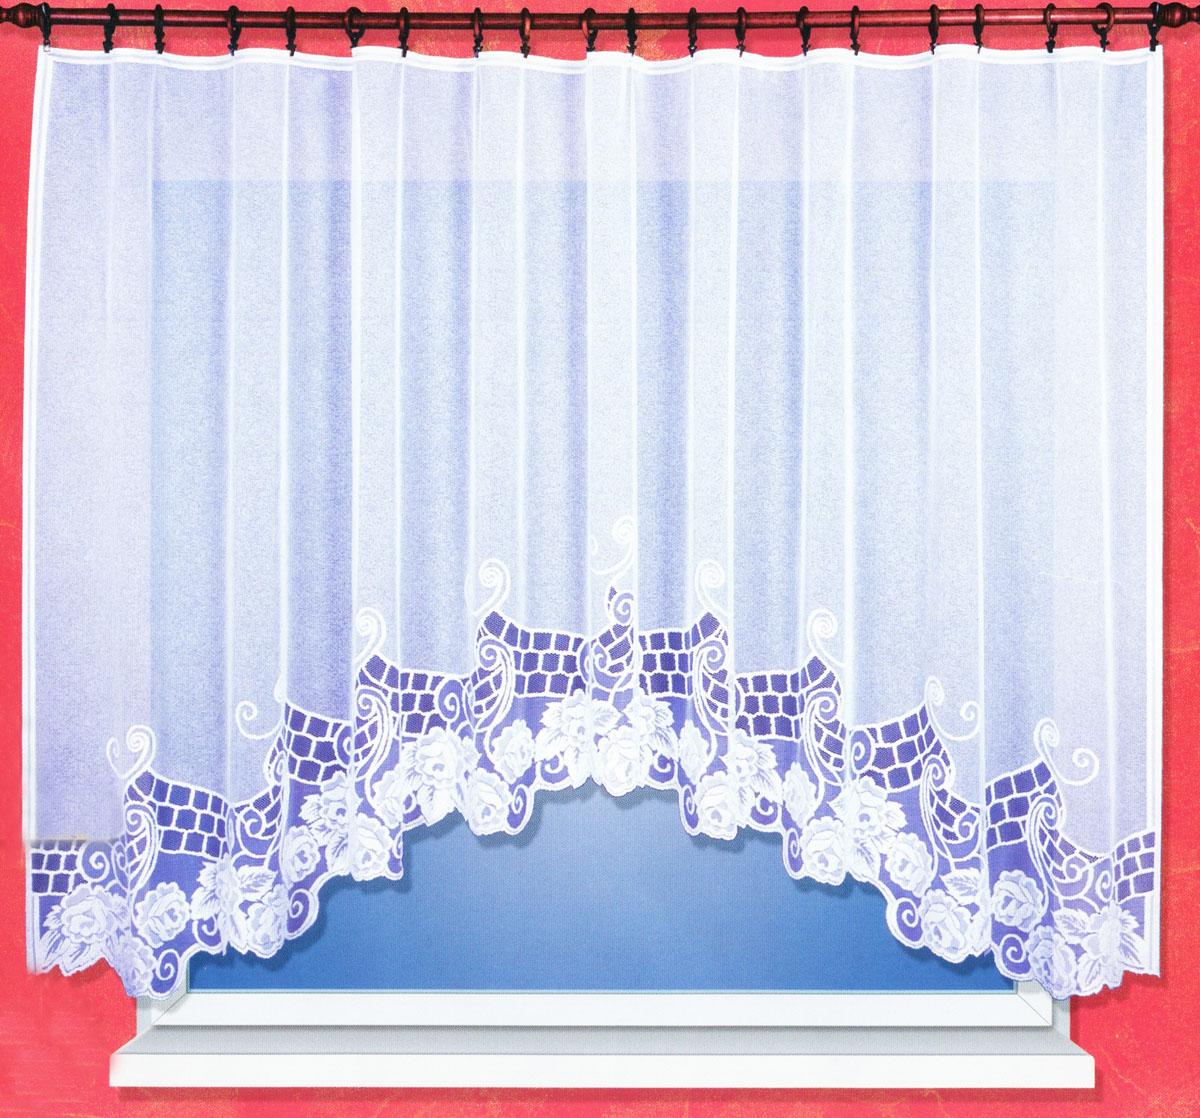 Гардина Haft, на ленте, цвет: белый, высота 160 см. 38200/160K100Гардина Haft, изготовленная из сетчатой ткани (100% полиэстера), великолепноукрасит любое окно. Полупрозрачная ткань и цветочная вышивка привлекут ксебе внимание и органично впишутся в интерьер помещения. Полиэстер - вид ткани, состоящий из полиэфирных волокон. Ткани из полиэстера -легкие, прочные и износостойкие. Такие изделия не требуют специального ухода,не пылятся и почти не мнутся.Гардина крепится на карниз при помощи ленты, которая поможет красиво иравномерно задрапировать верх. Такая гардина идеально оформит интерьер любого помещения.